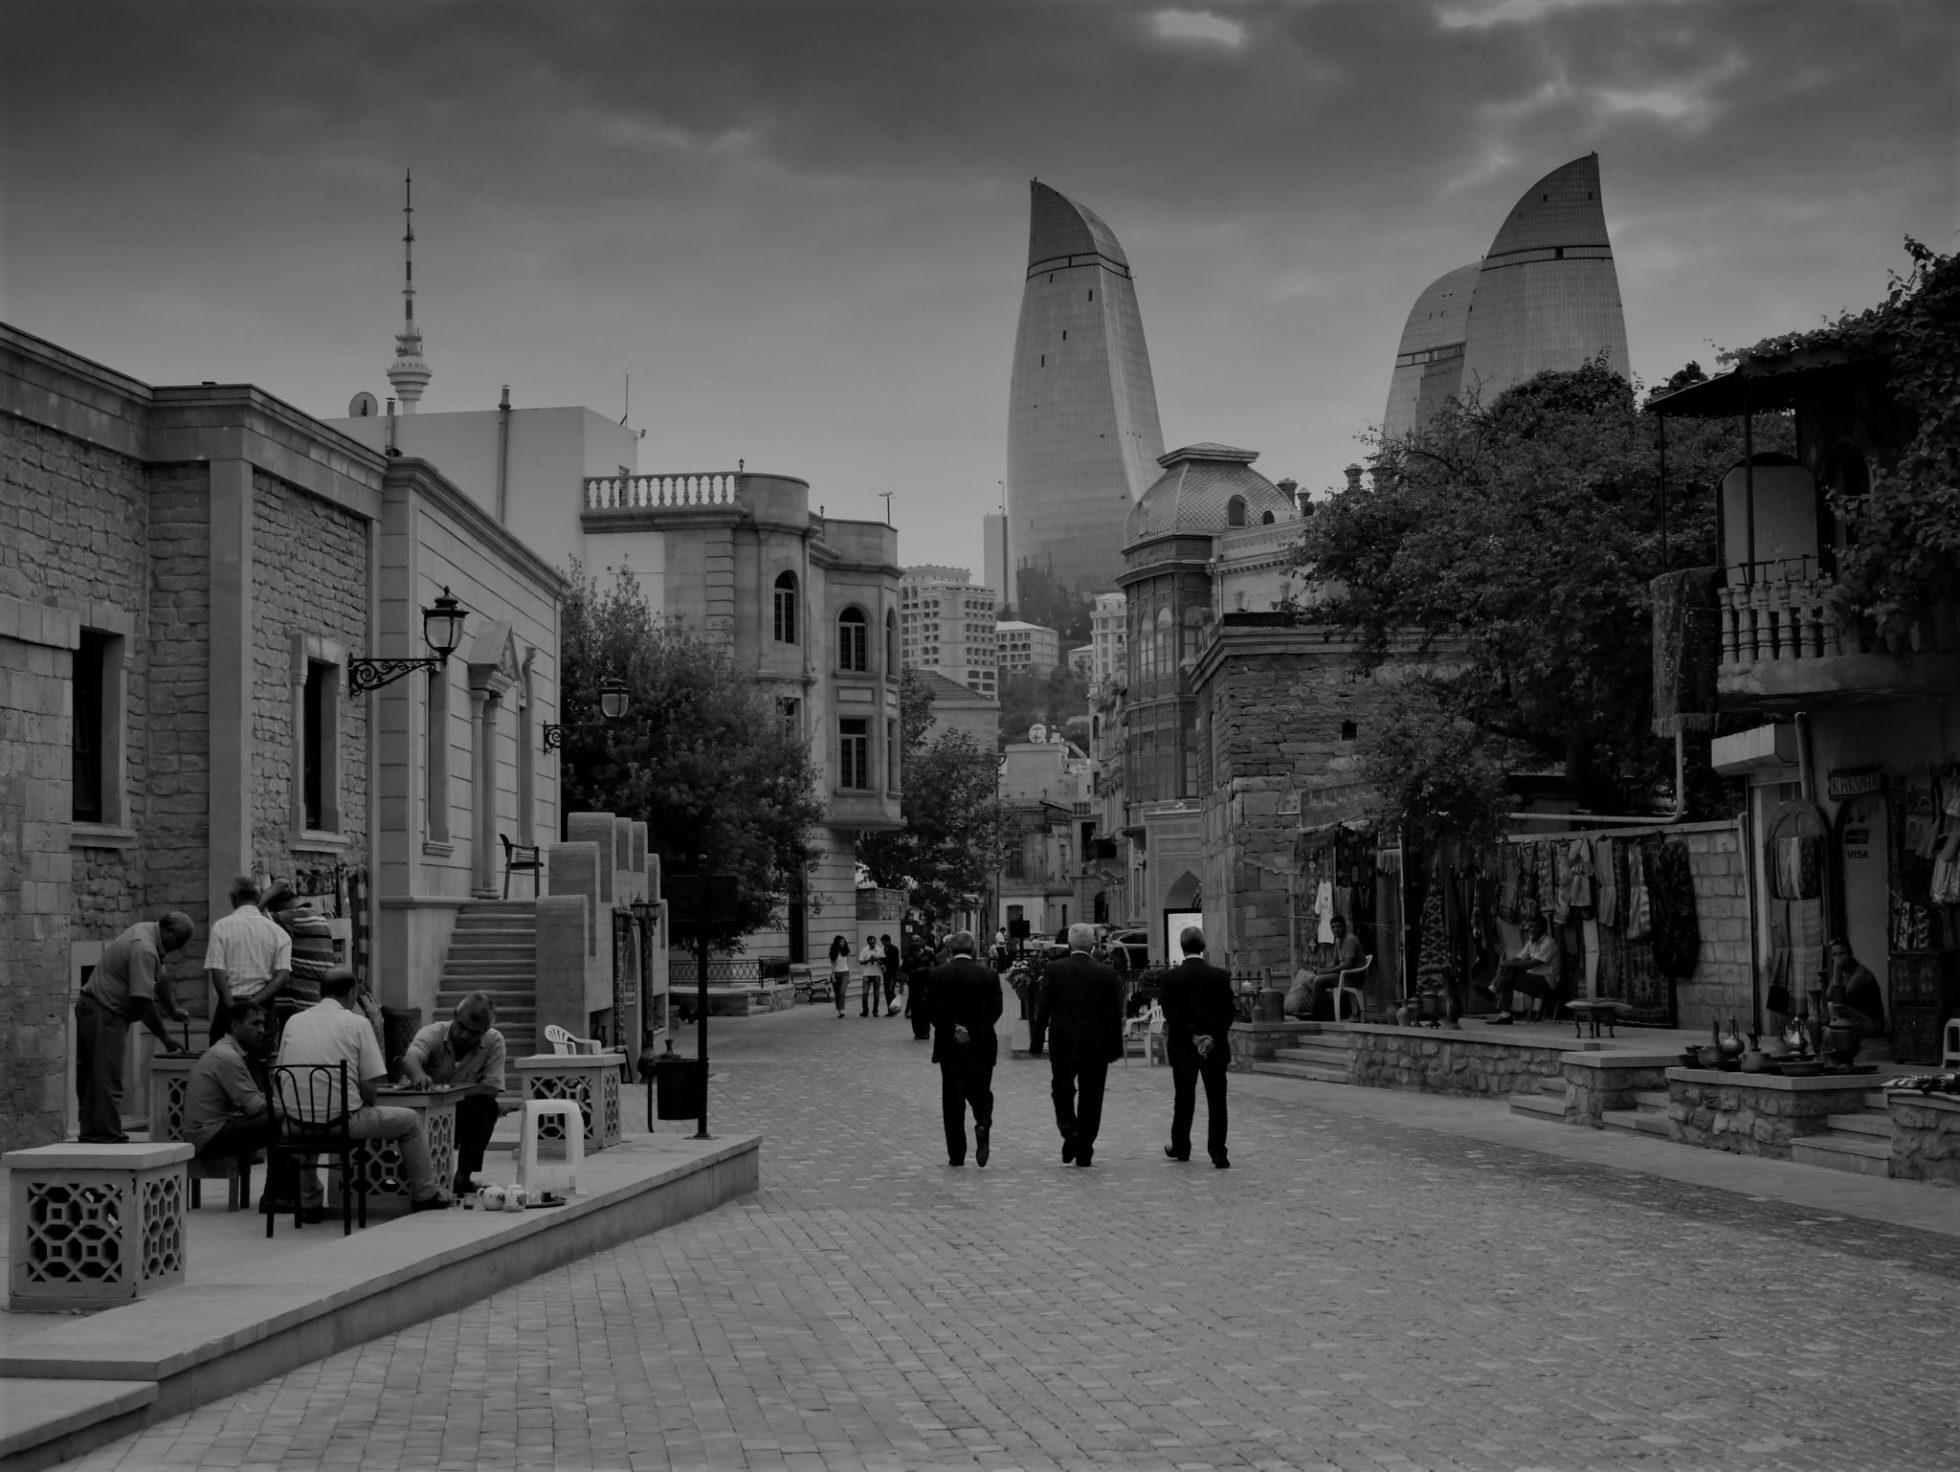 Dva němečtí poslanci měli za úplatu velebit Ázerbájdžán